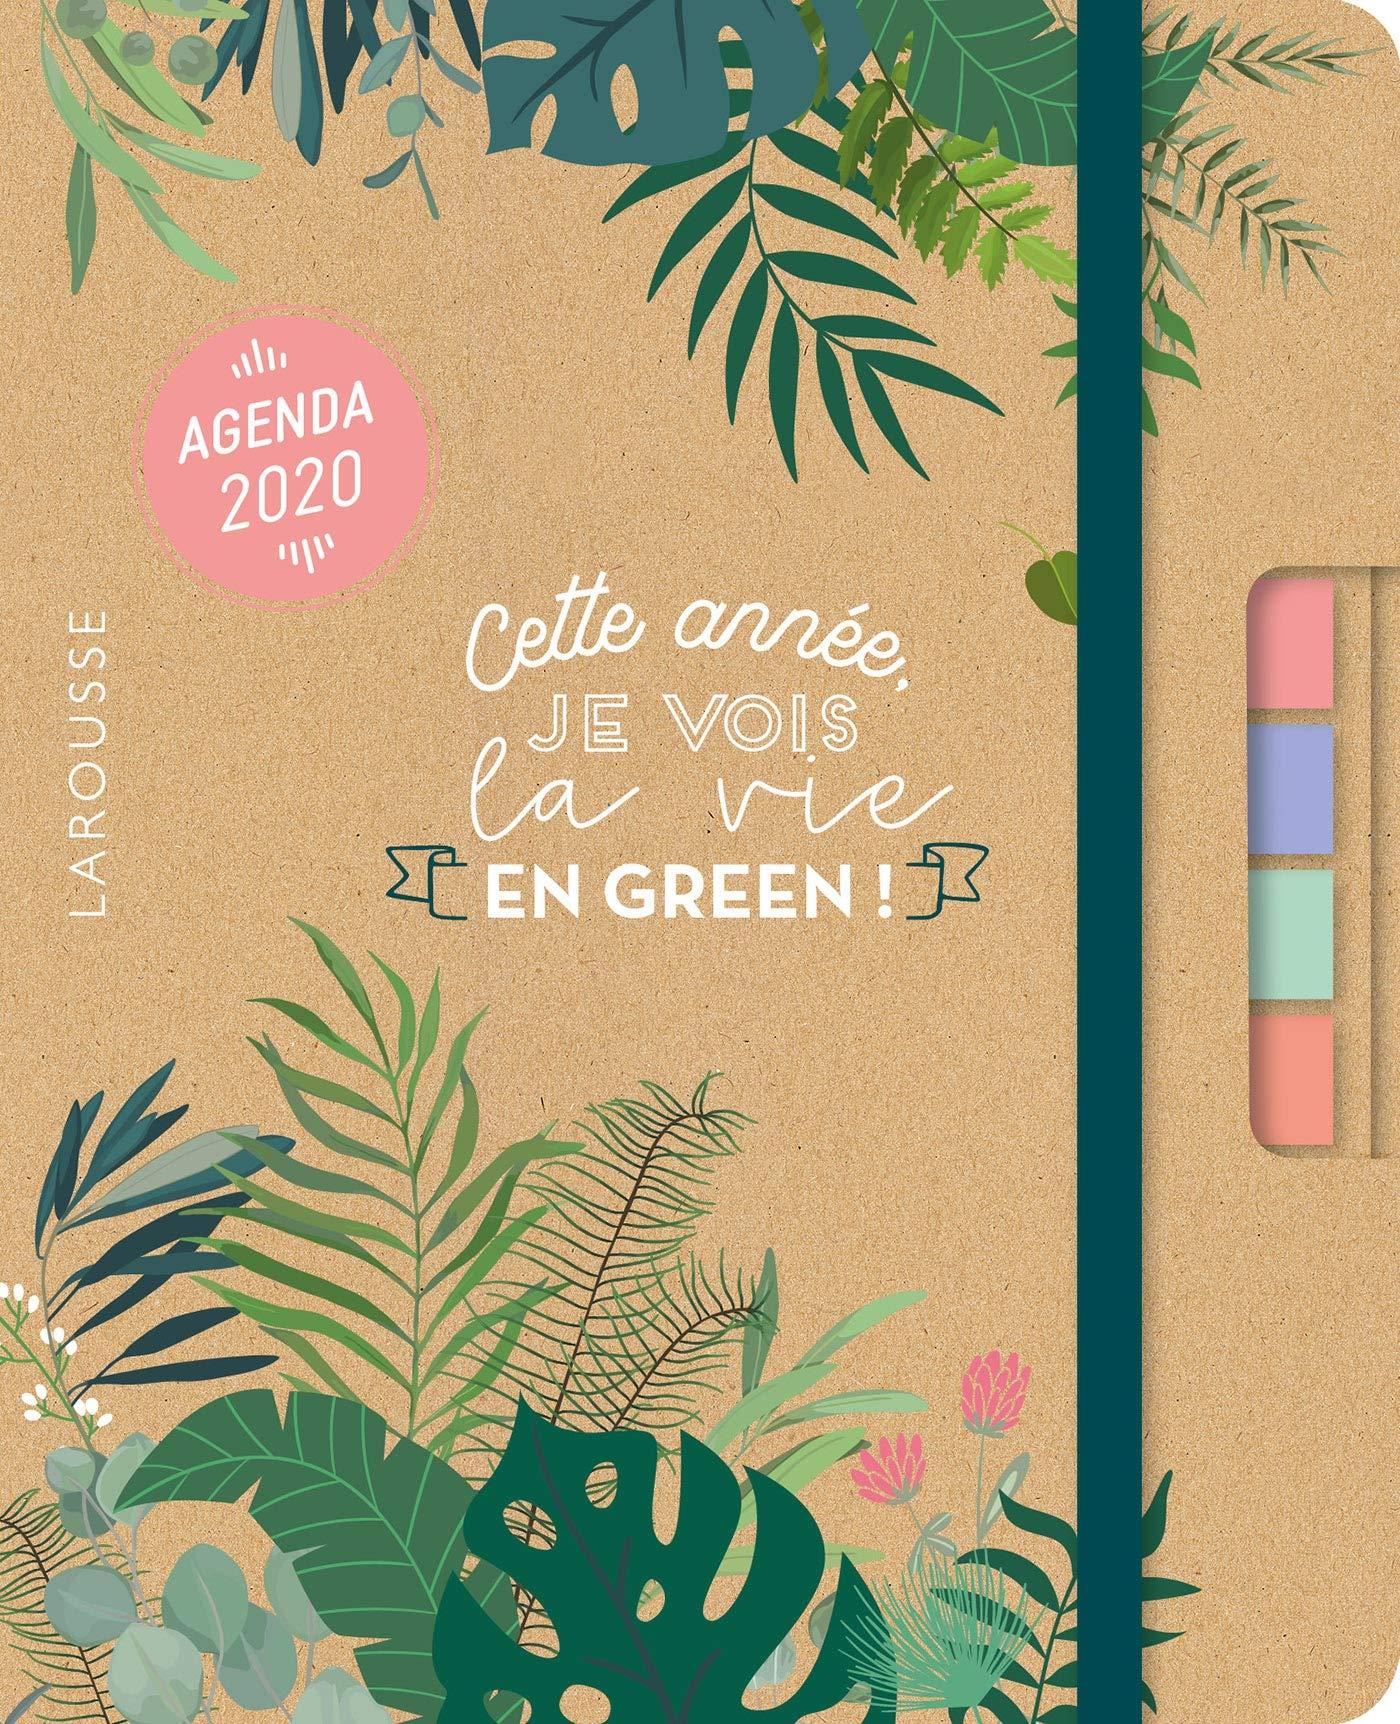 Green agenda 2020: Cette année je vois la vie en green ...